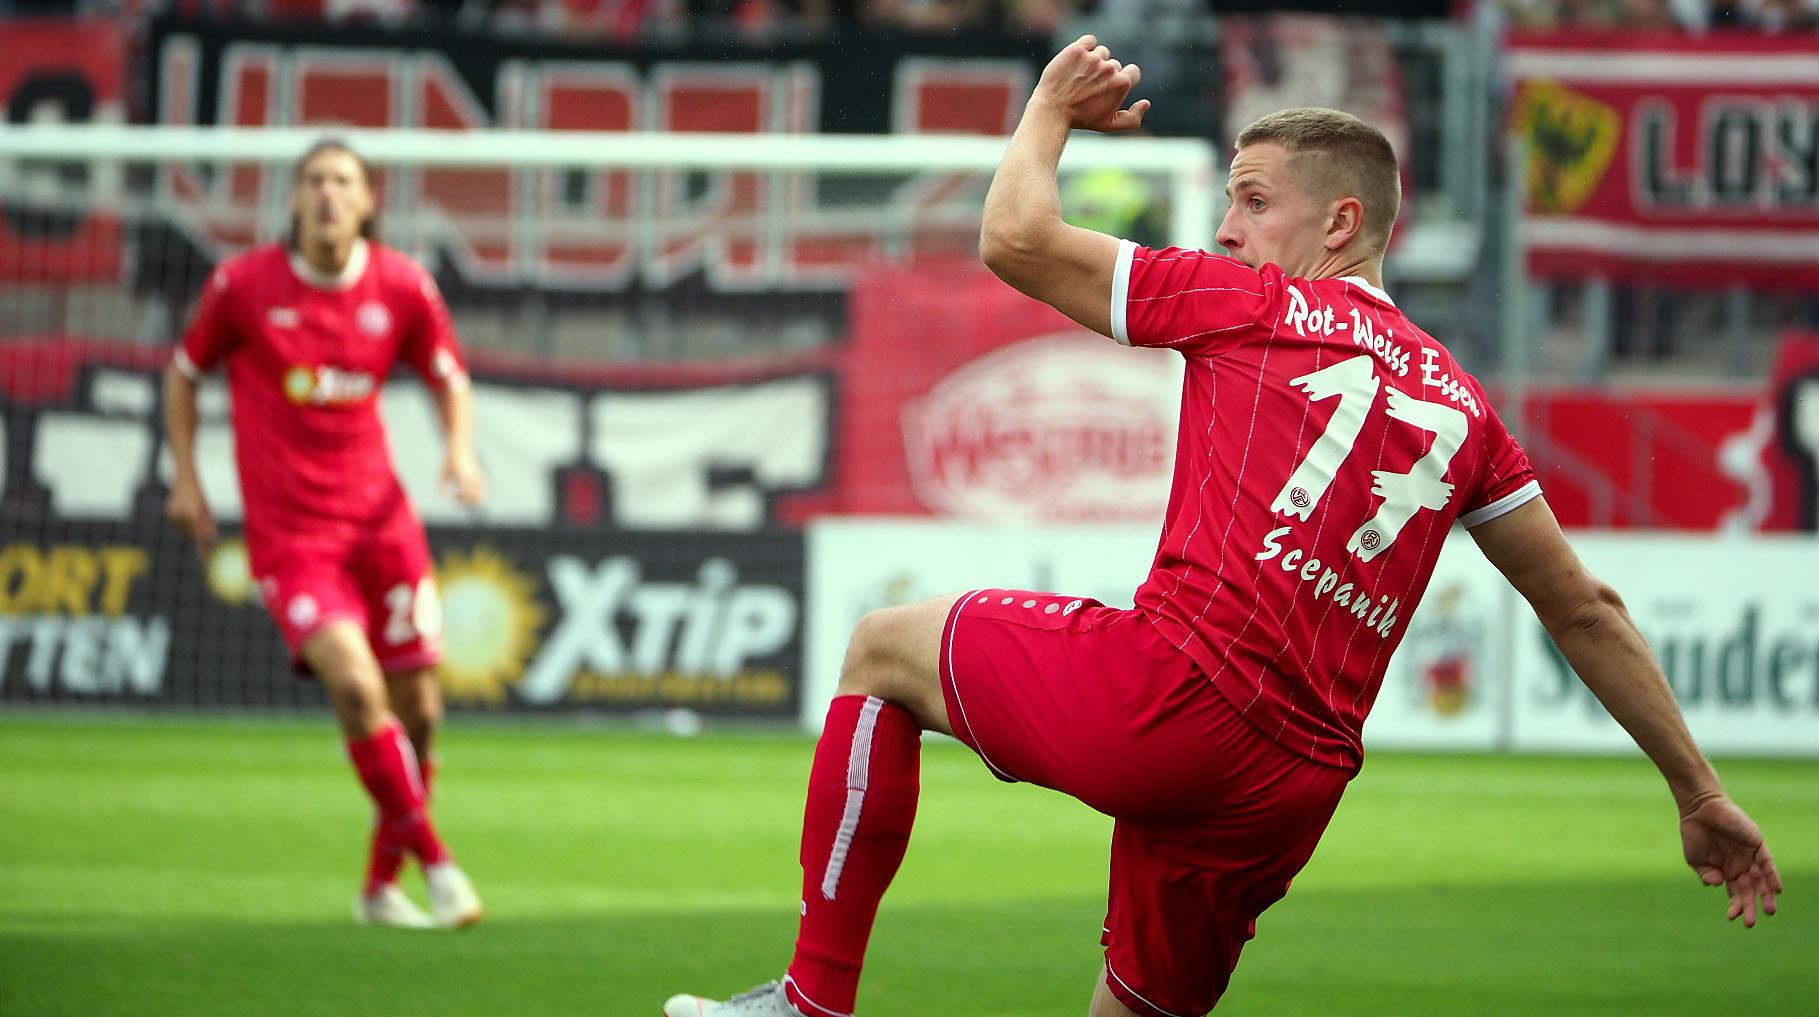 Am heutigen Freitag ist der SV Straelen im Stadion Essen zu Gast.